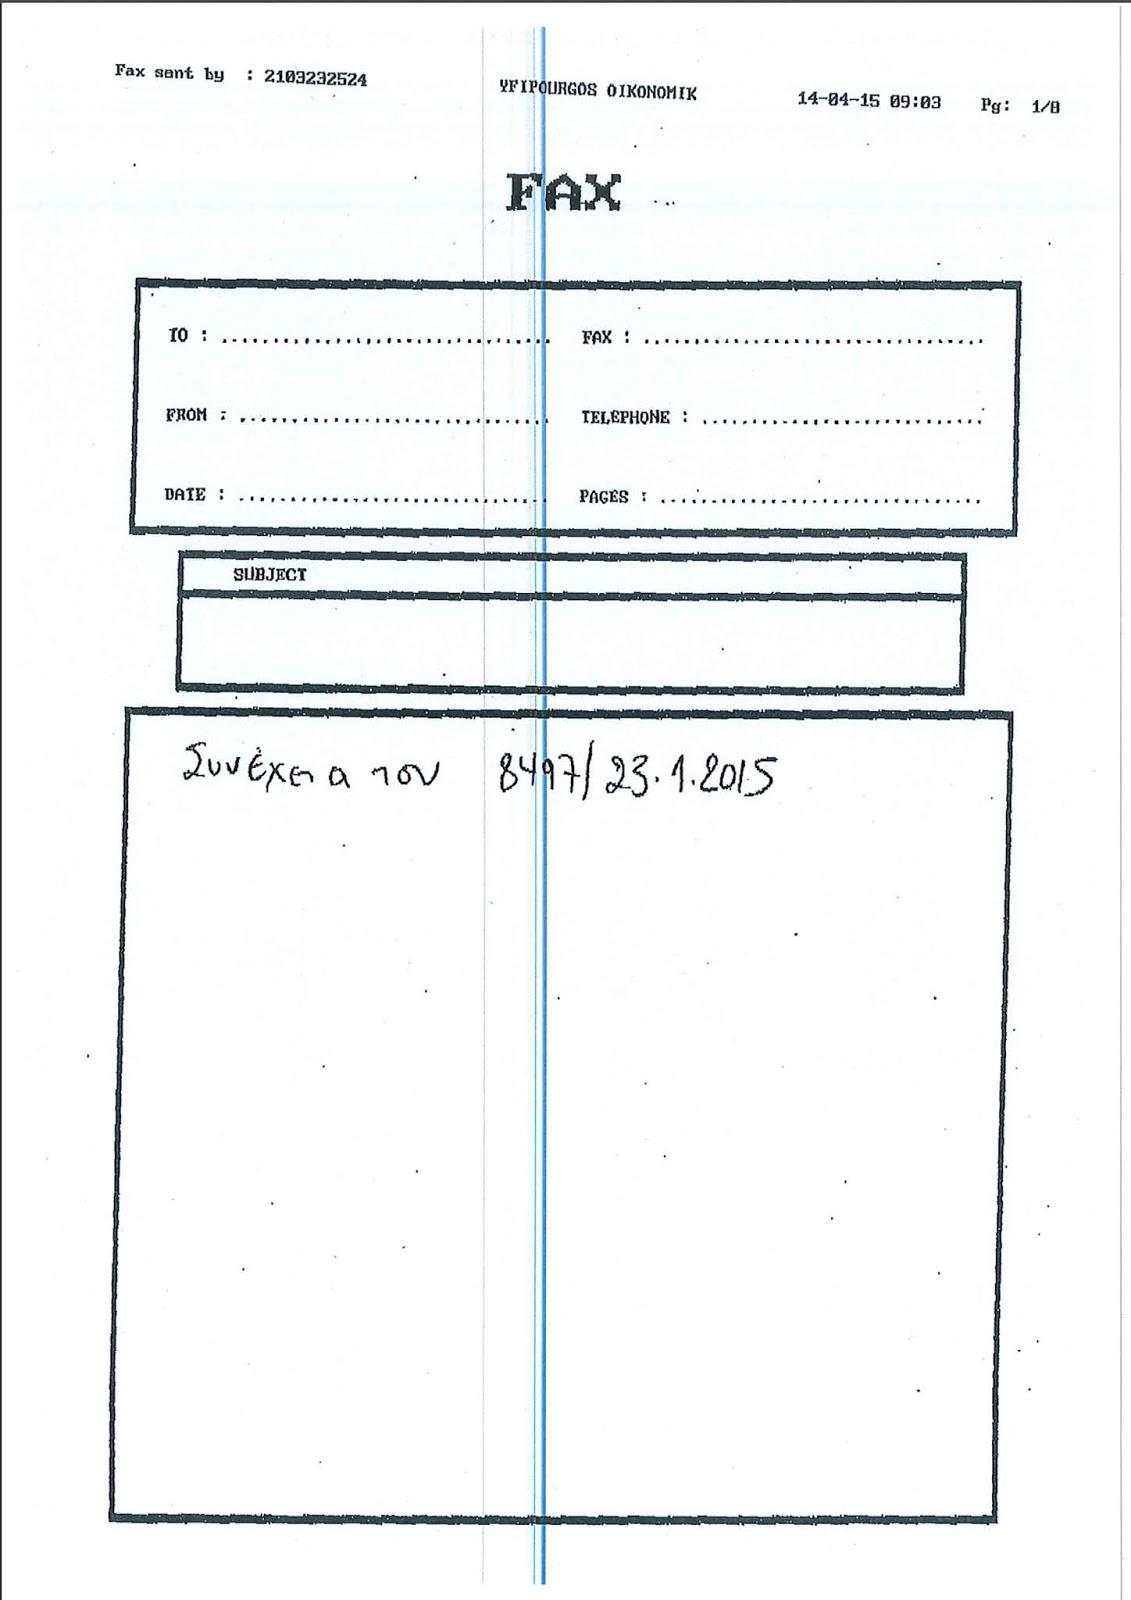 Καλές γραμμές θέματος ηλεκτρονικού ταχυδρομείου σε απευθείας σύνδεση dating